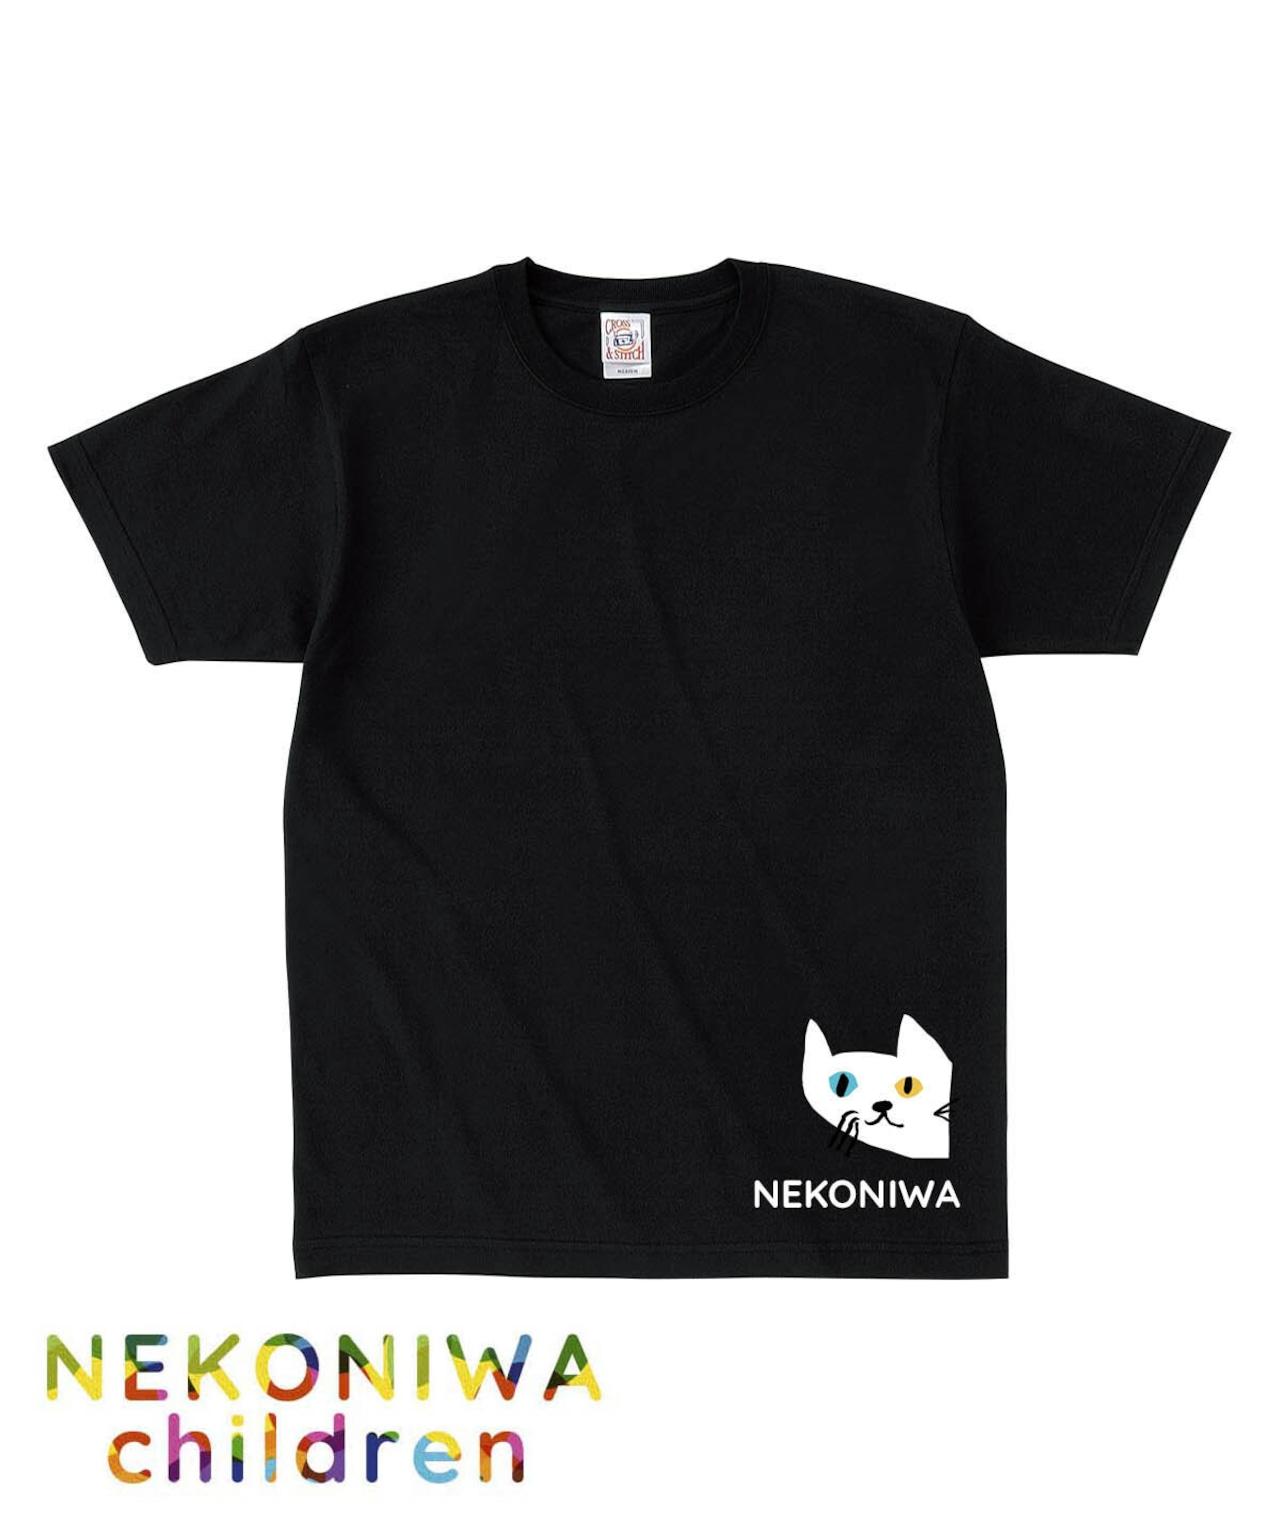 猫庭キッズ【980円‼】★全国一律送料無料★